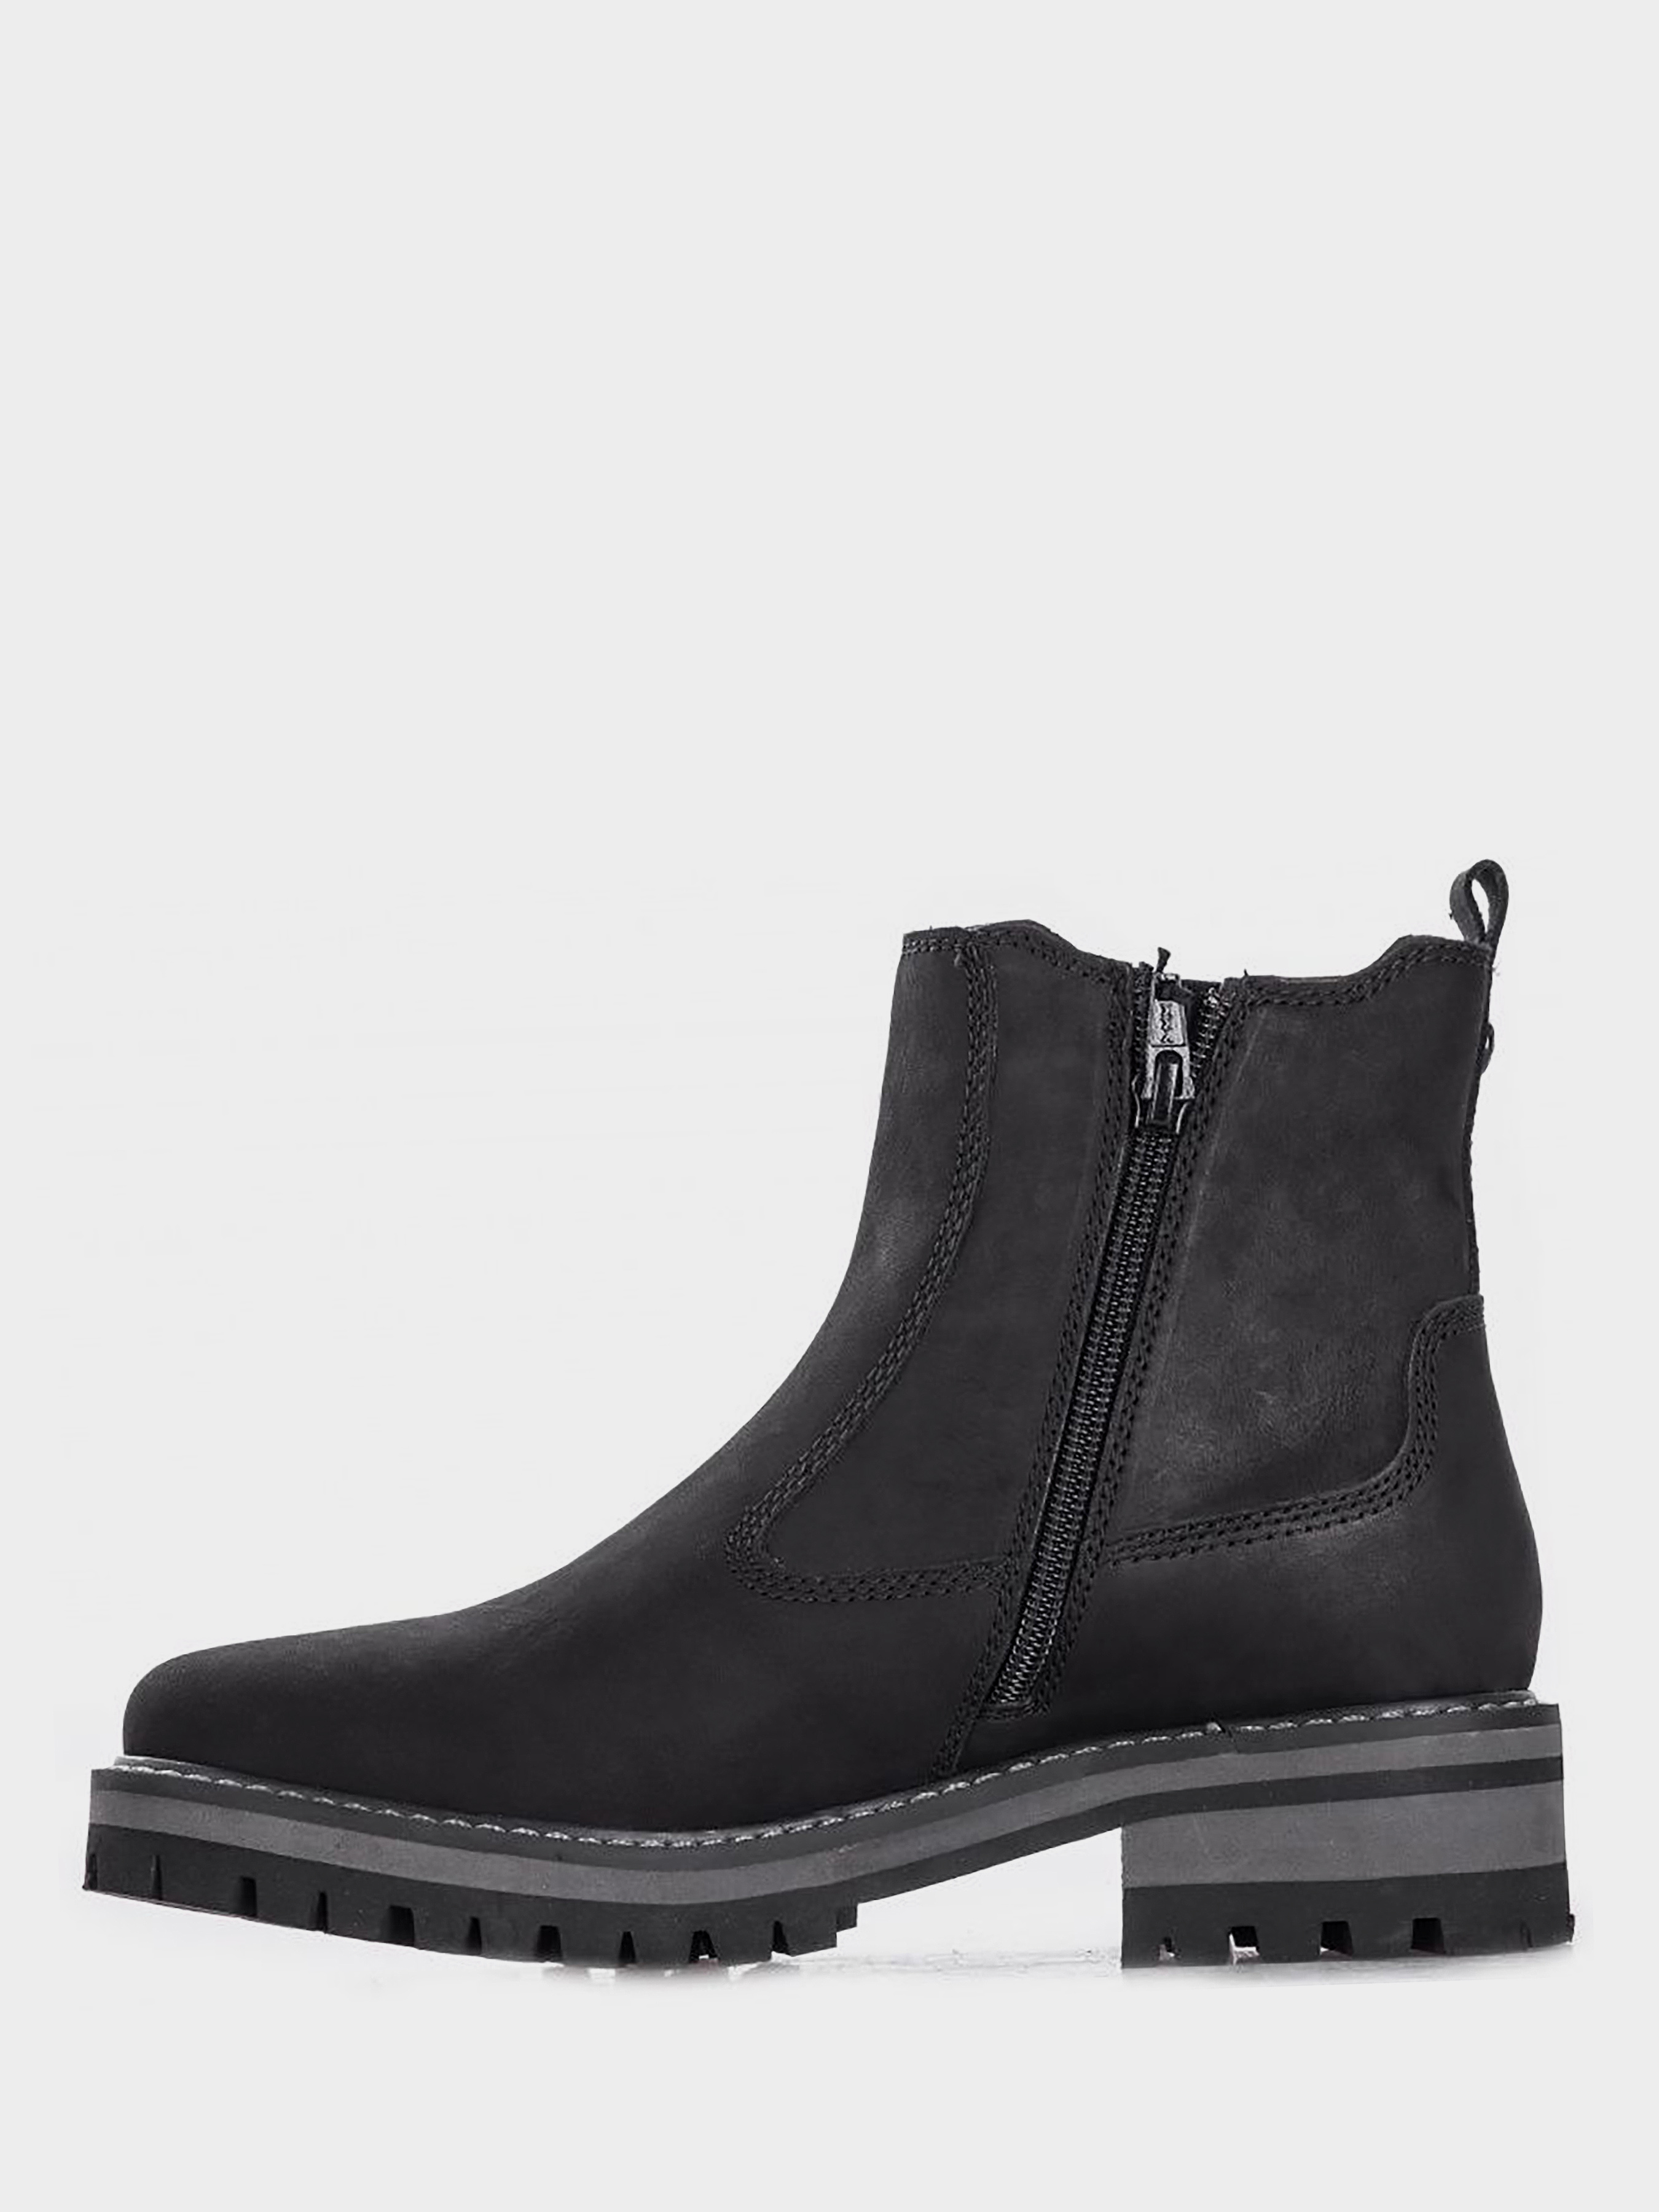 Сапоги для женщин Bugatti Shanti YE73 модная обувь, 2017